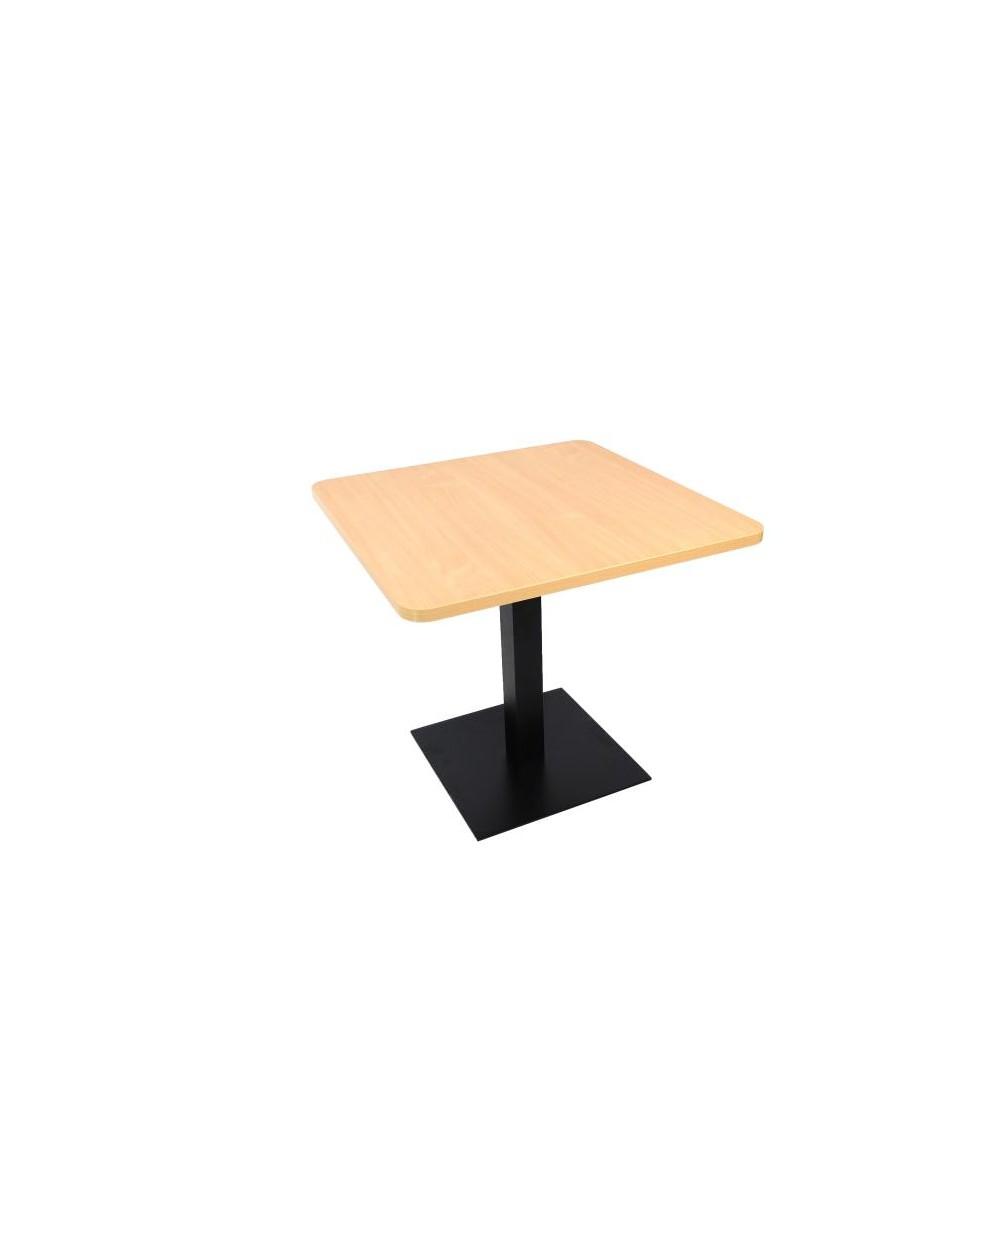 Table carrée avec pied central, avec coins arrondis, hêtre.